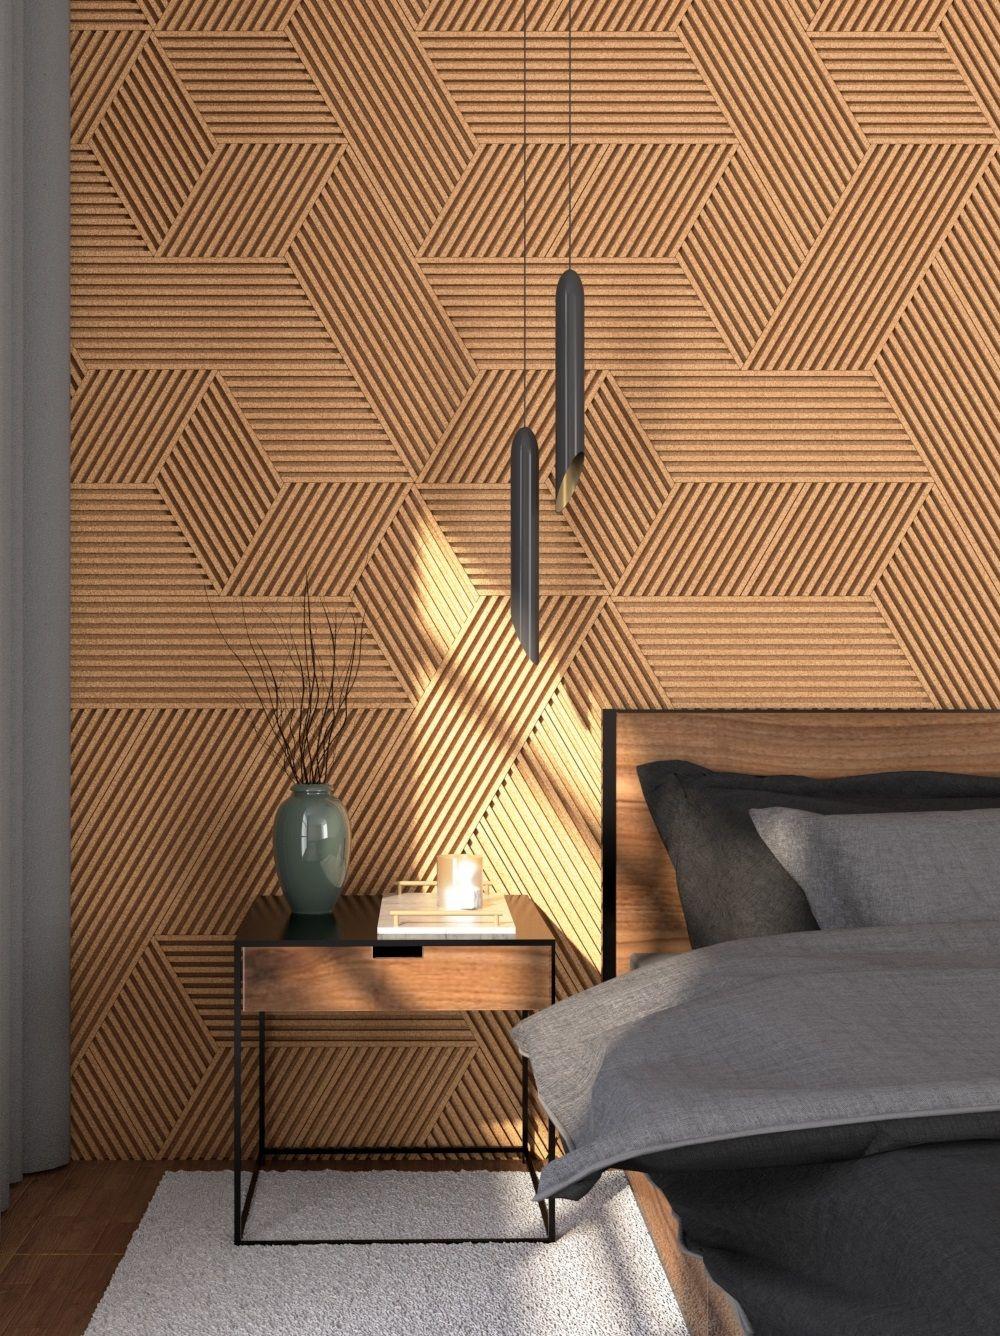 Decorative Natural 3d Streep Cork Wall Tiles Bestseller Cork Wall Tiles 3d Experts In Cork Products In 2020 Cork Wall Tiles Cork Wall Wall Tiles